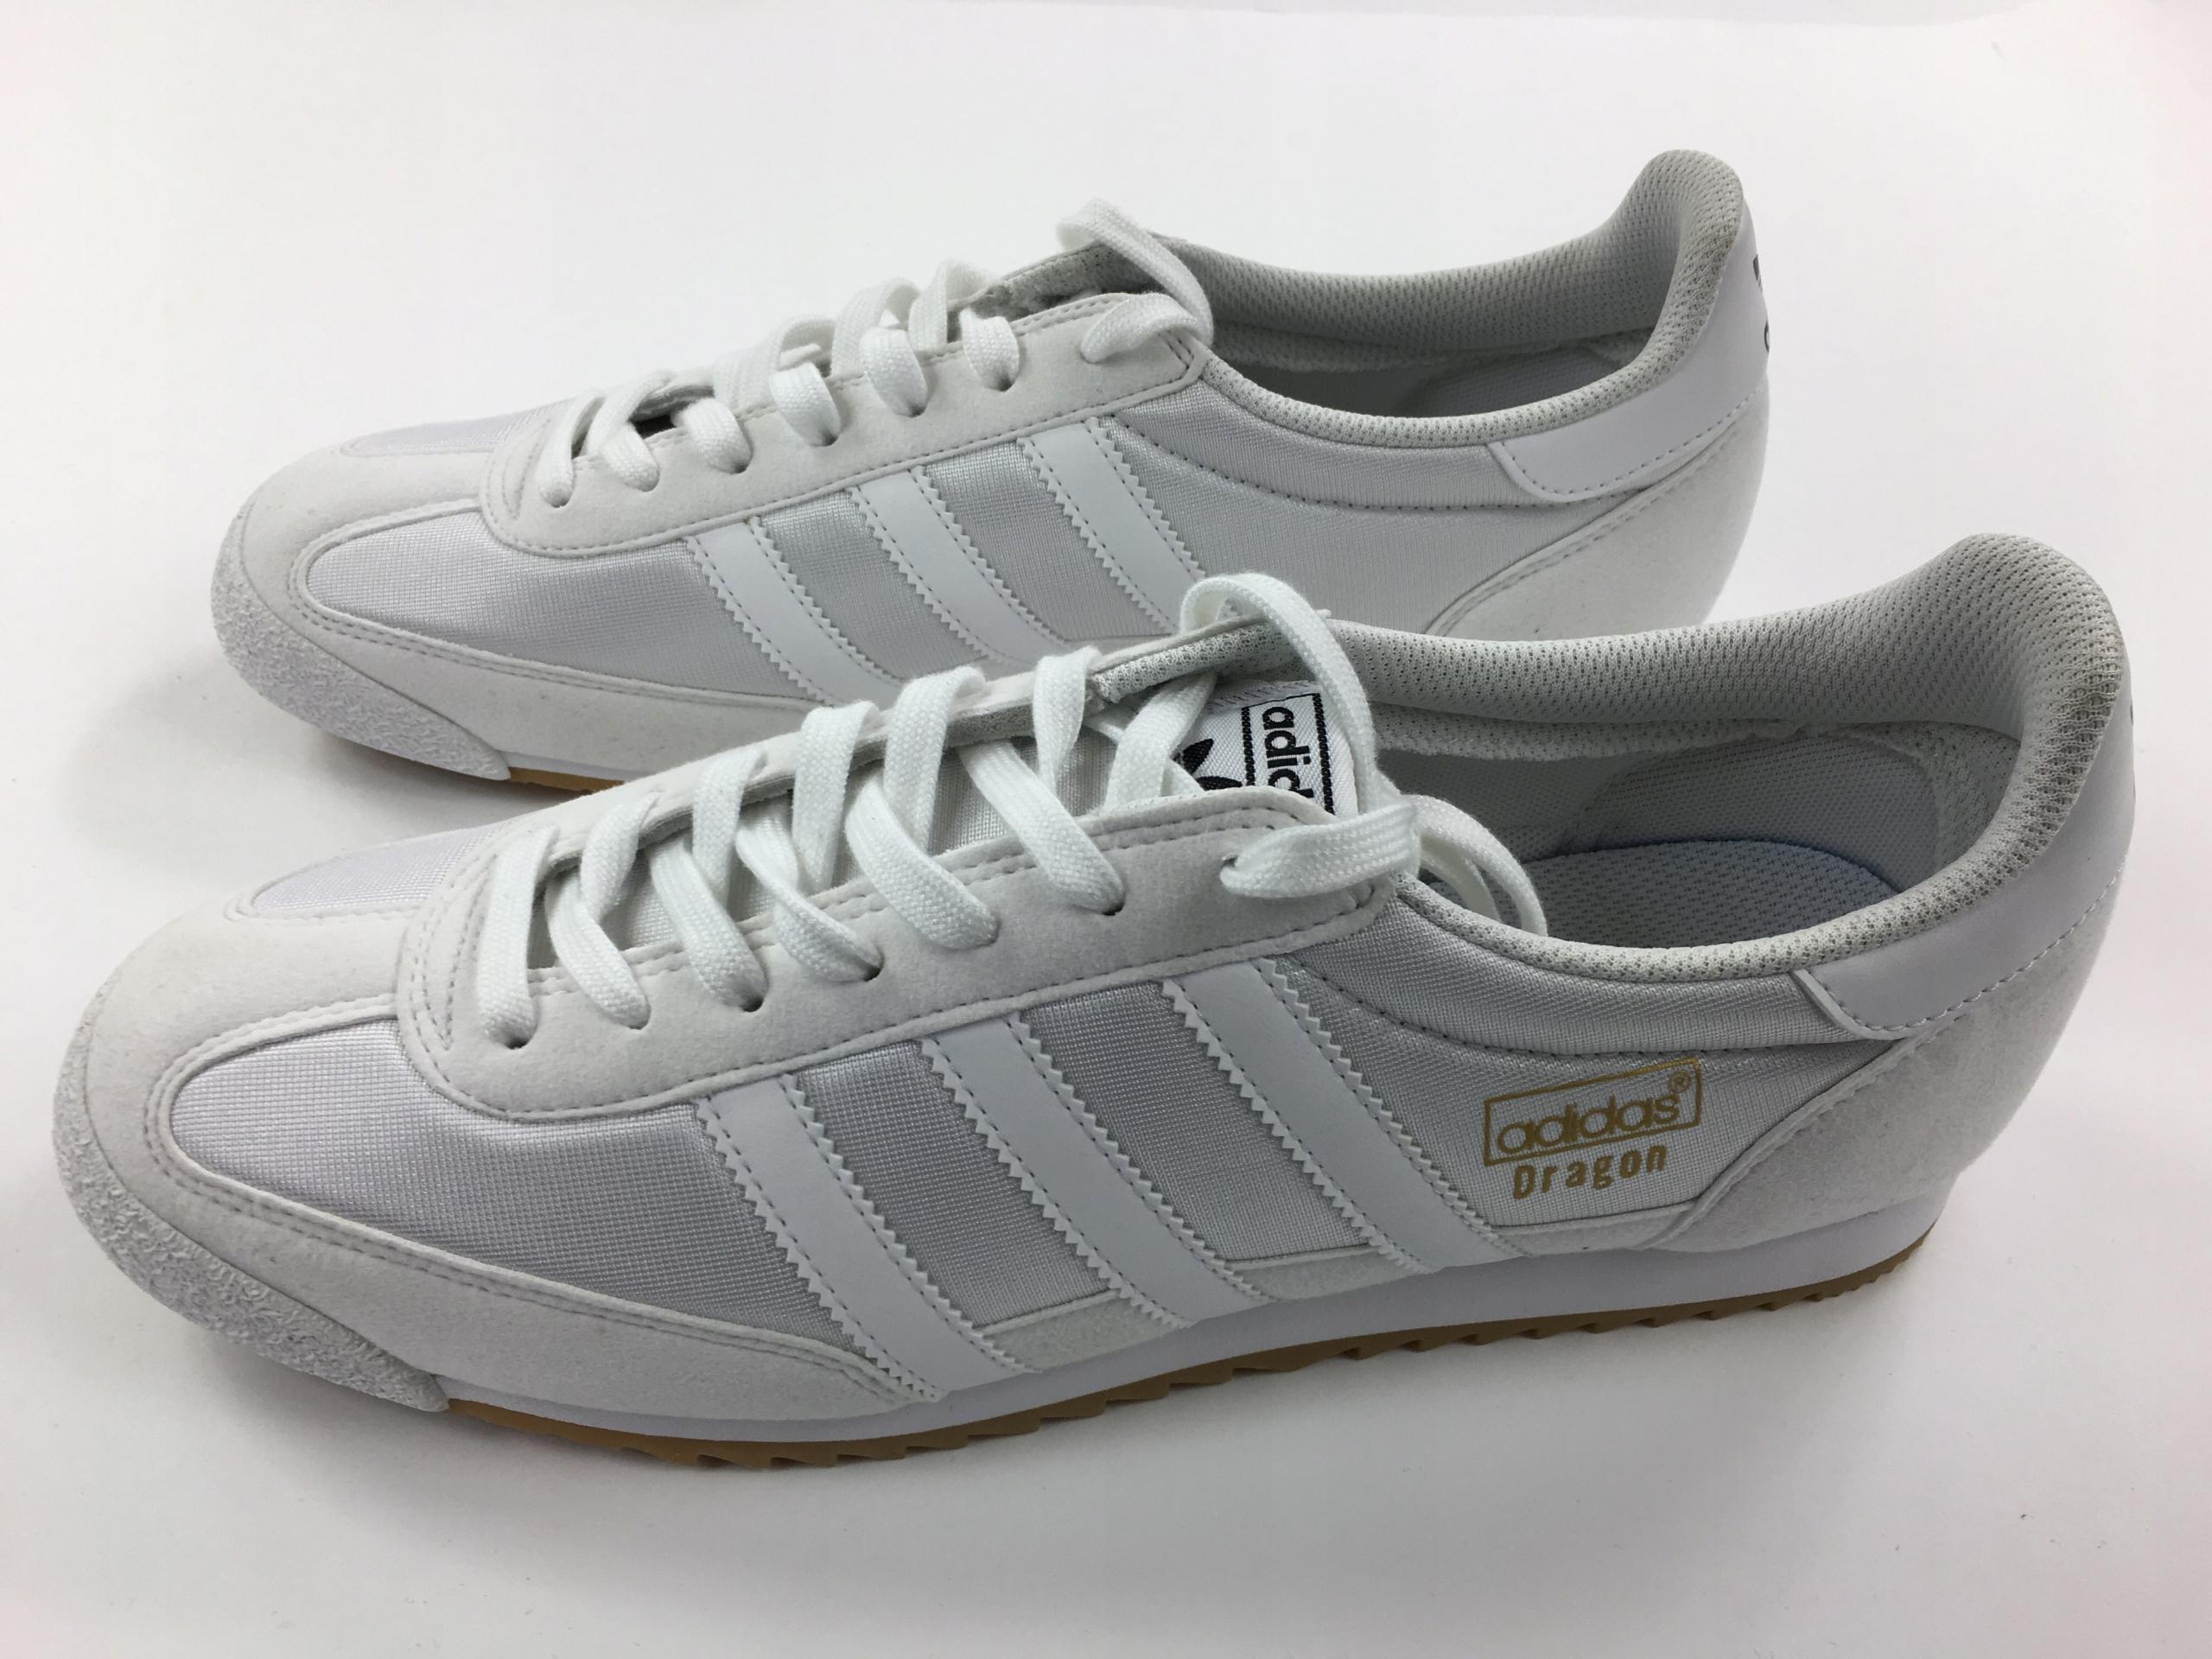 Buty damskie Adidas DRAGON D67896 r. 40 WIOSNA Zdjęcie na